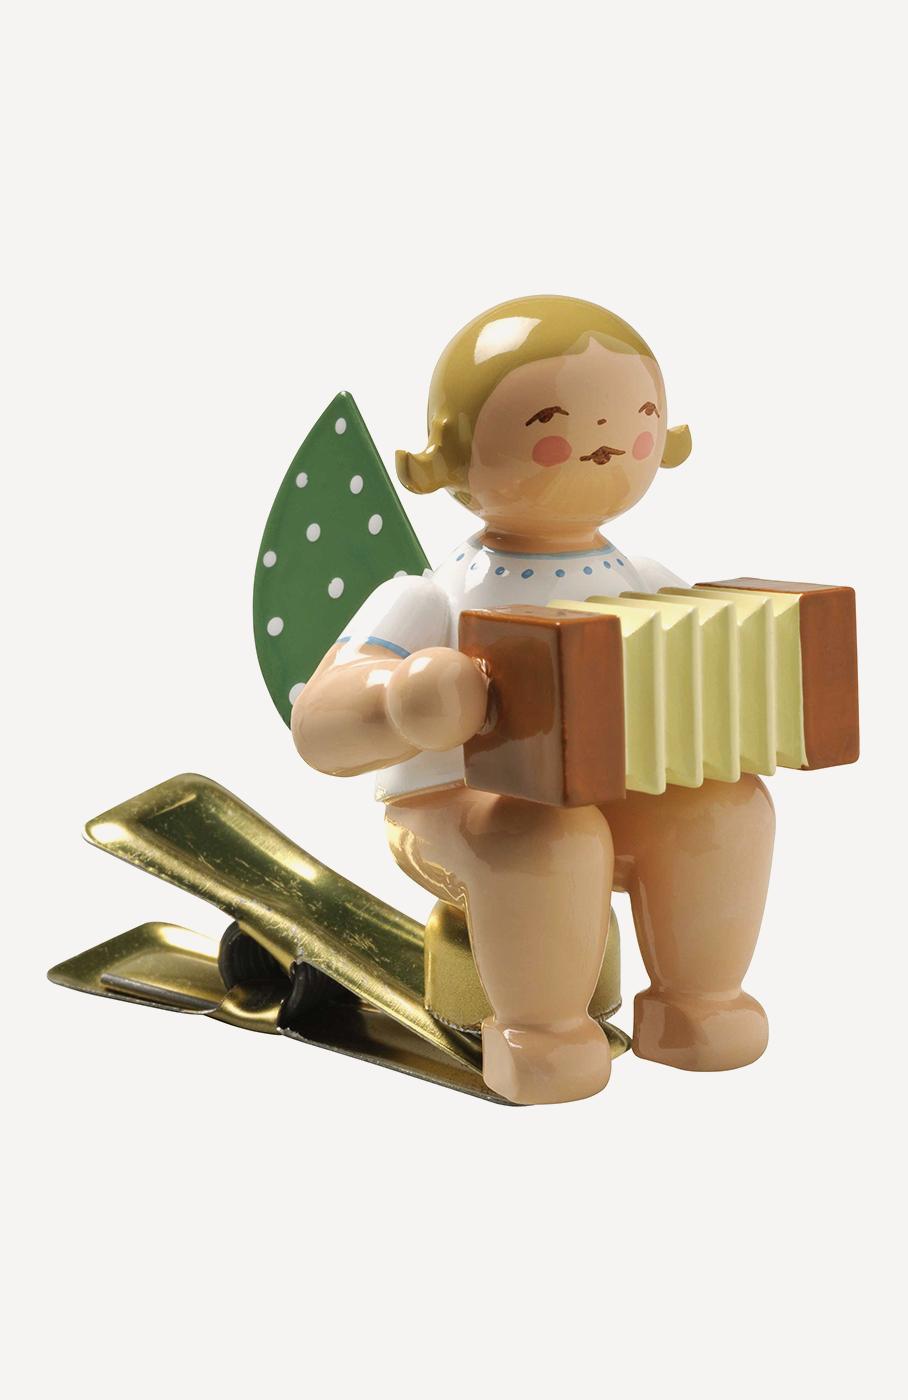 Engel mit Harmonika, auf Klemme